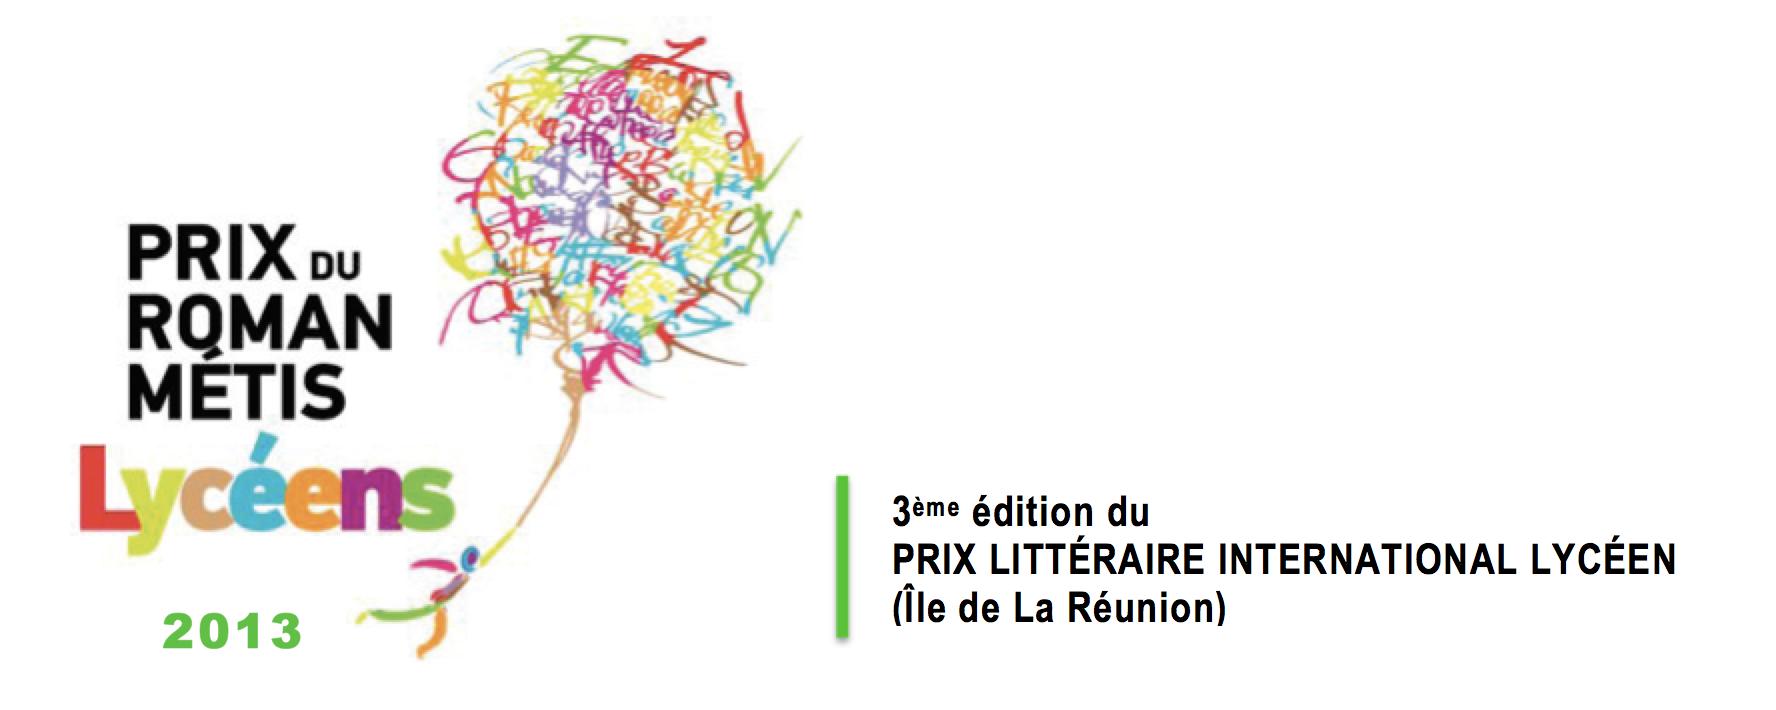 Prix du Roman Métis des Lycéens 2013